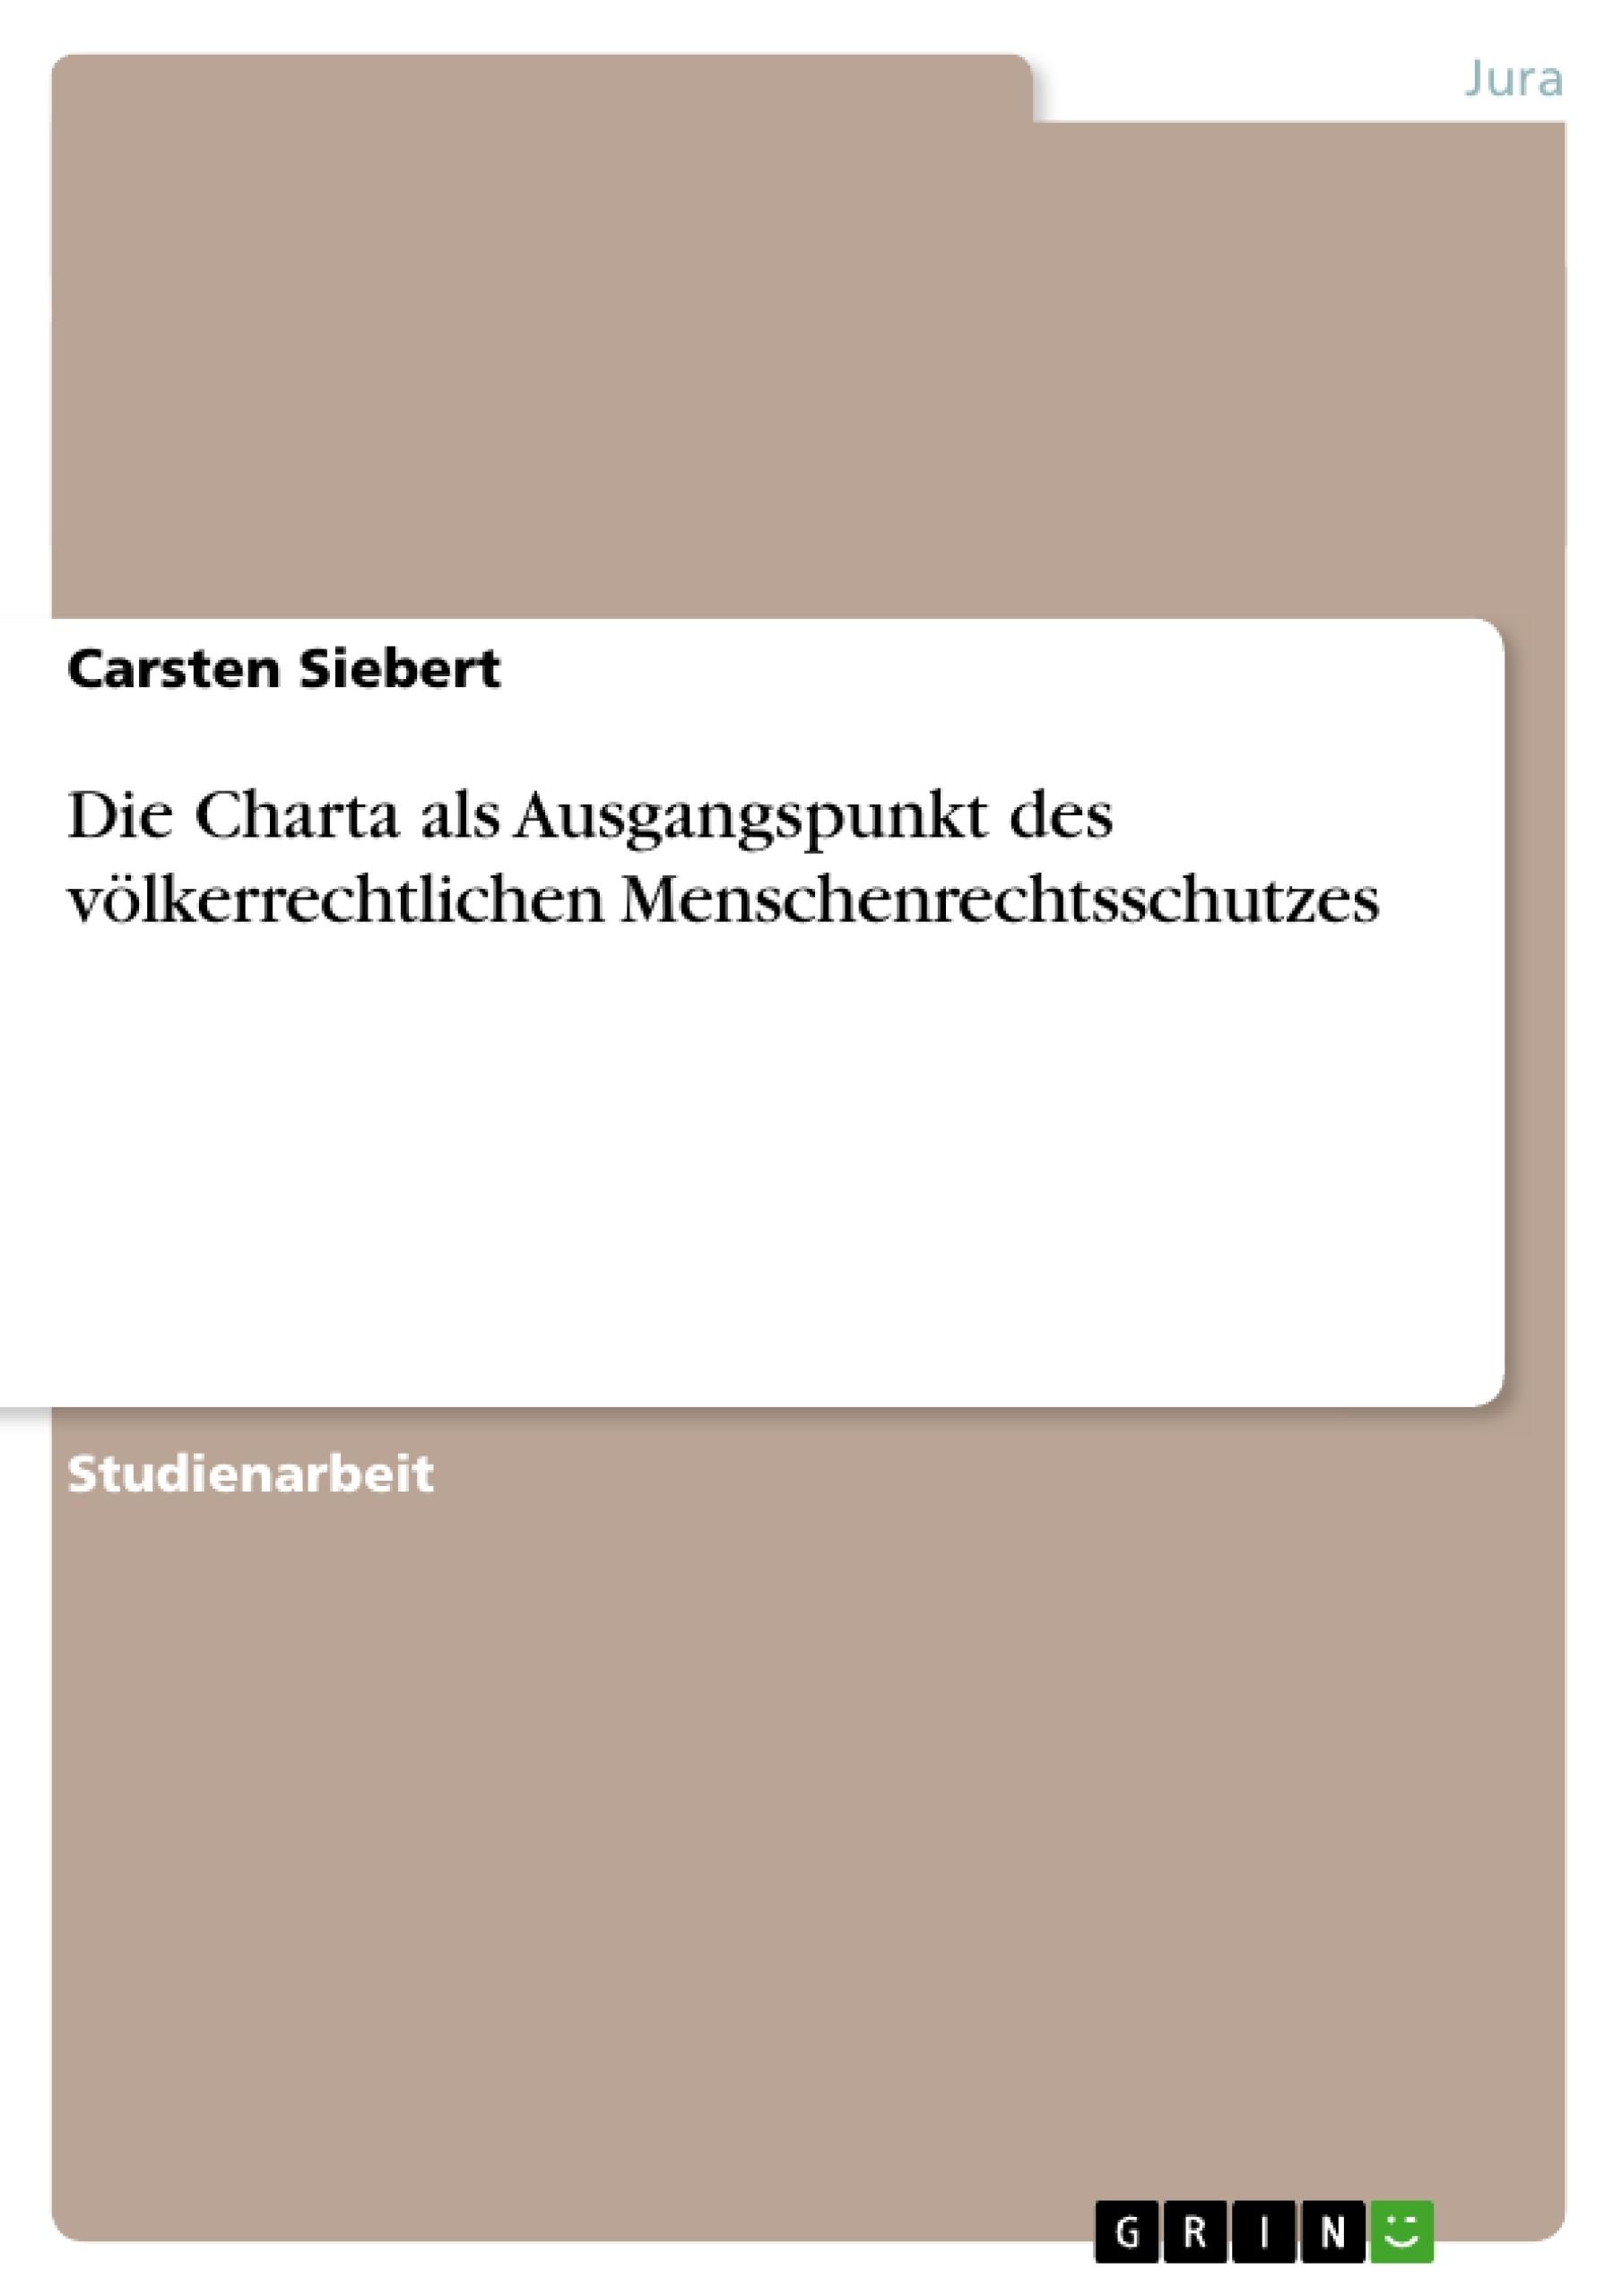 Titel: Die Charta als Ausgangspunkt des völkerrechtlichen Menschenrechtsschutzes